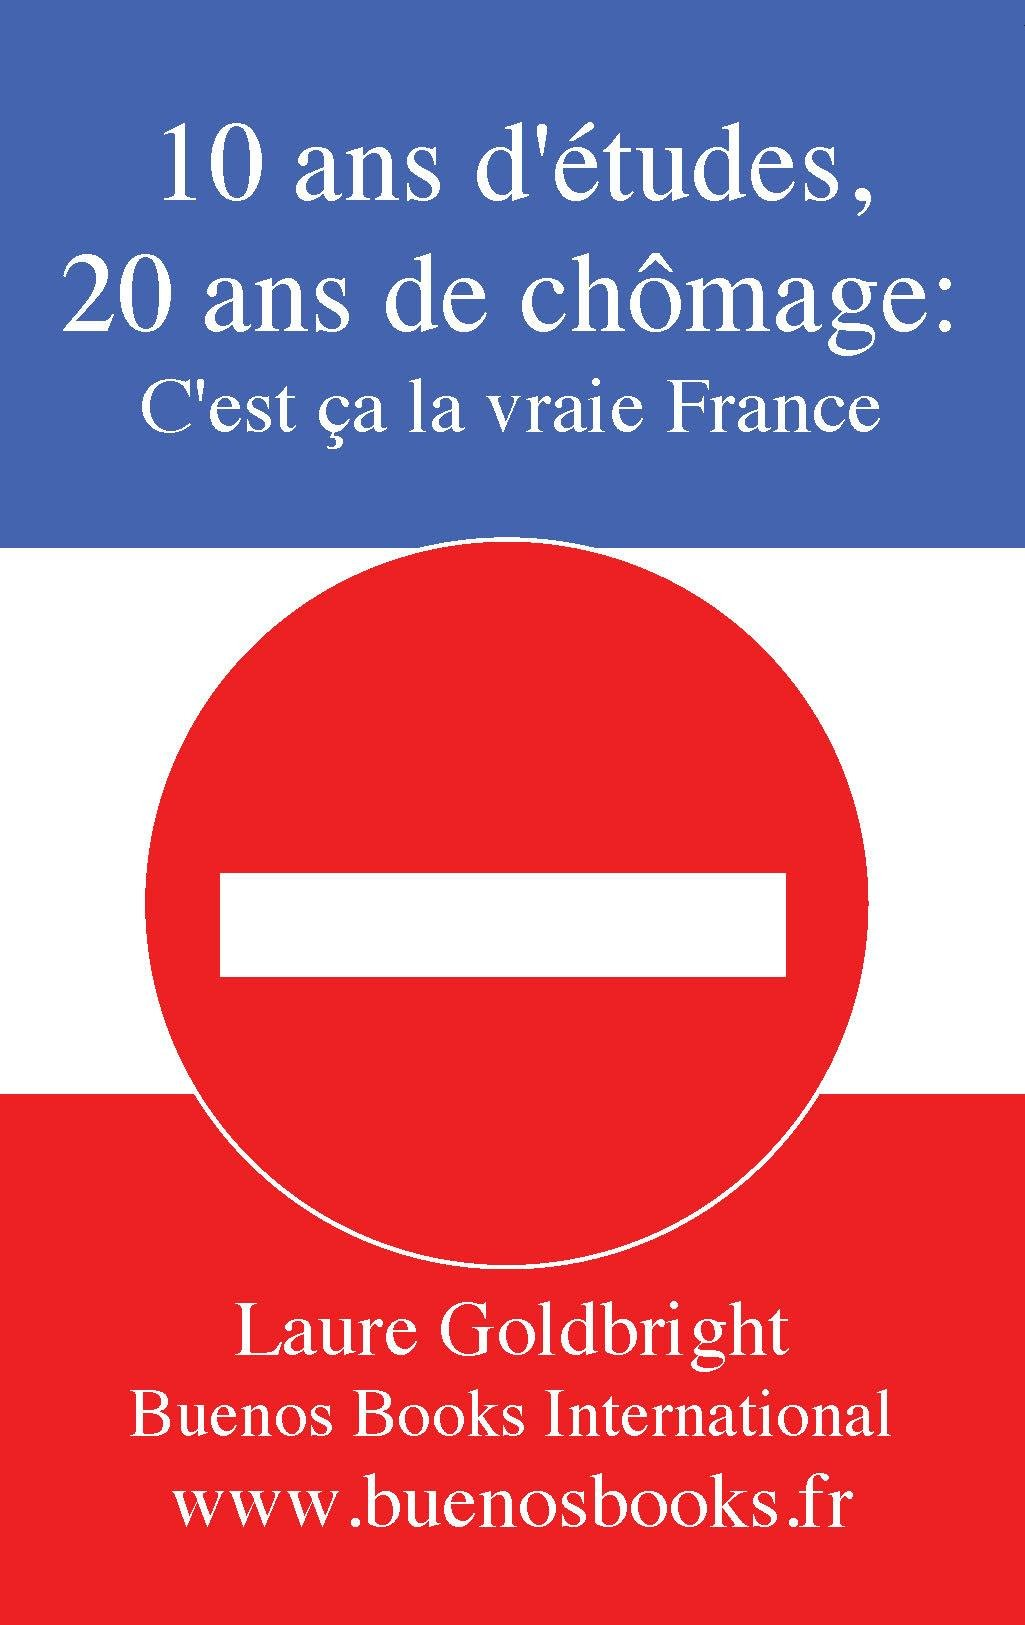 0 ANS D'ETUDES, 20 ANS DE CHOMAGE: C'EST CA LA VRAIE FRANCE EB2370004244099